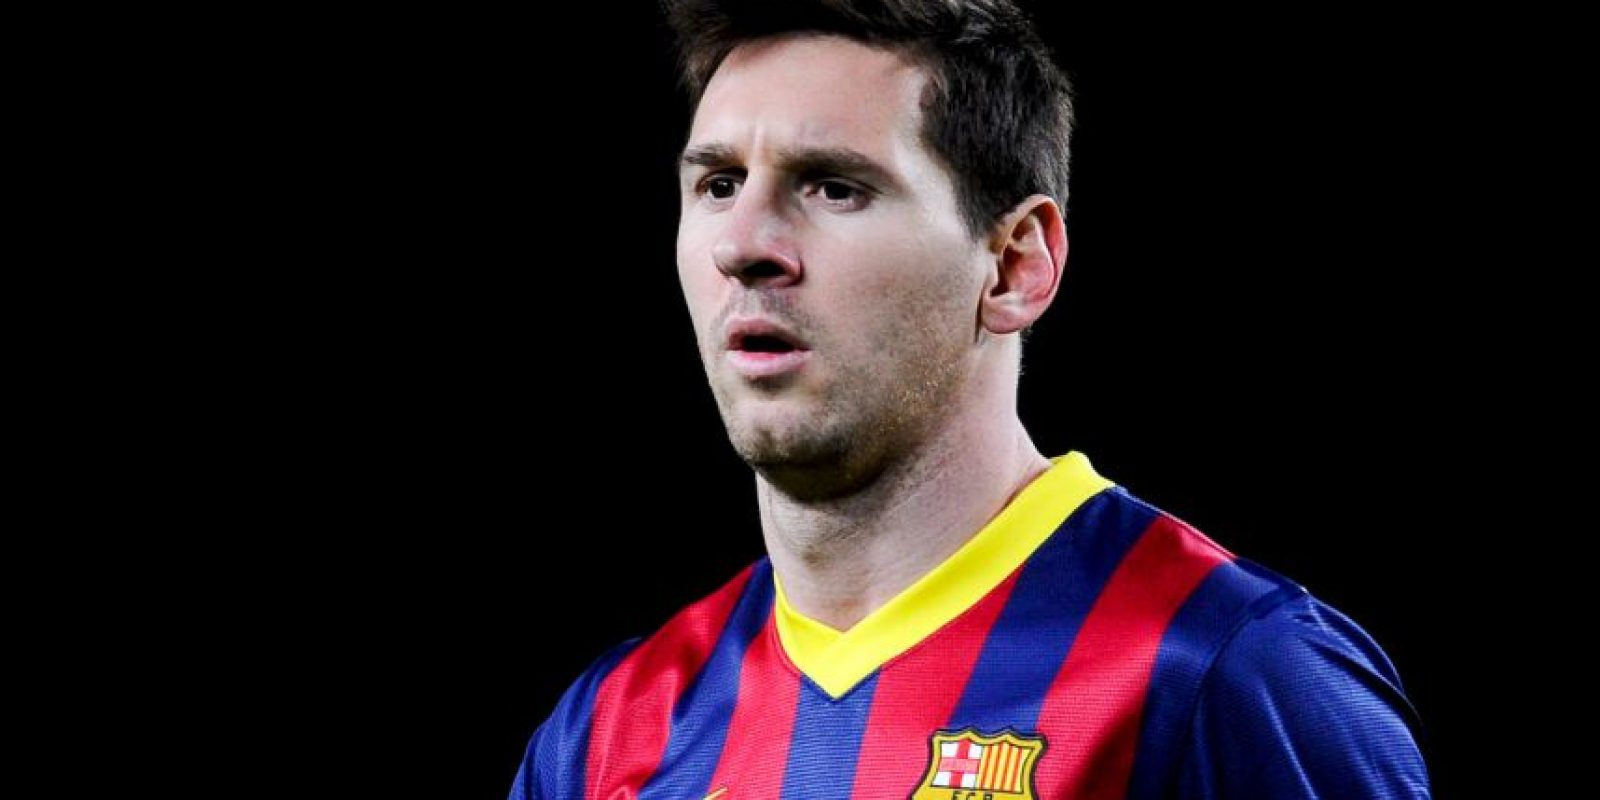 El futbolista Lionel Messi comparte el rasgo de la nariz Foto:Getty Images